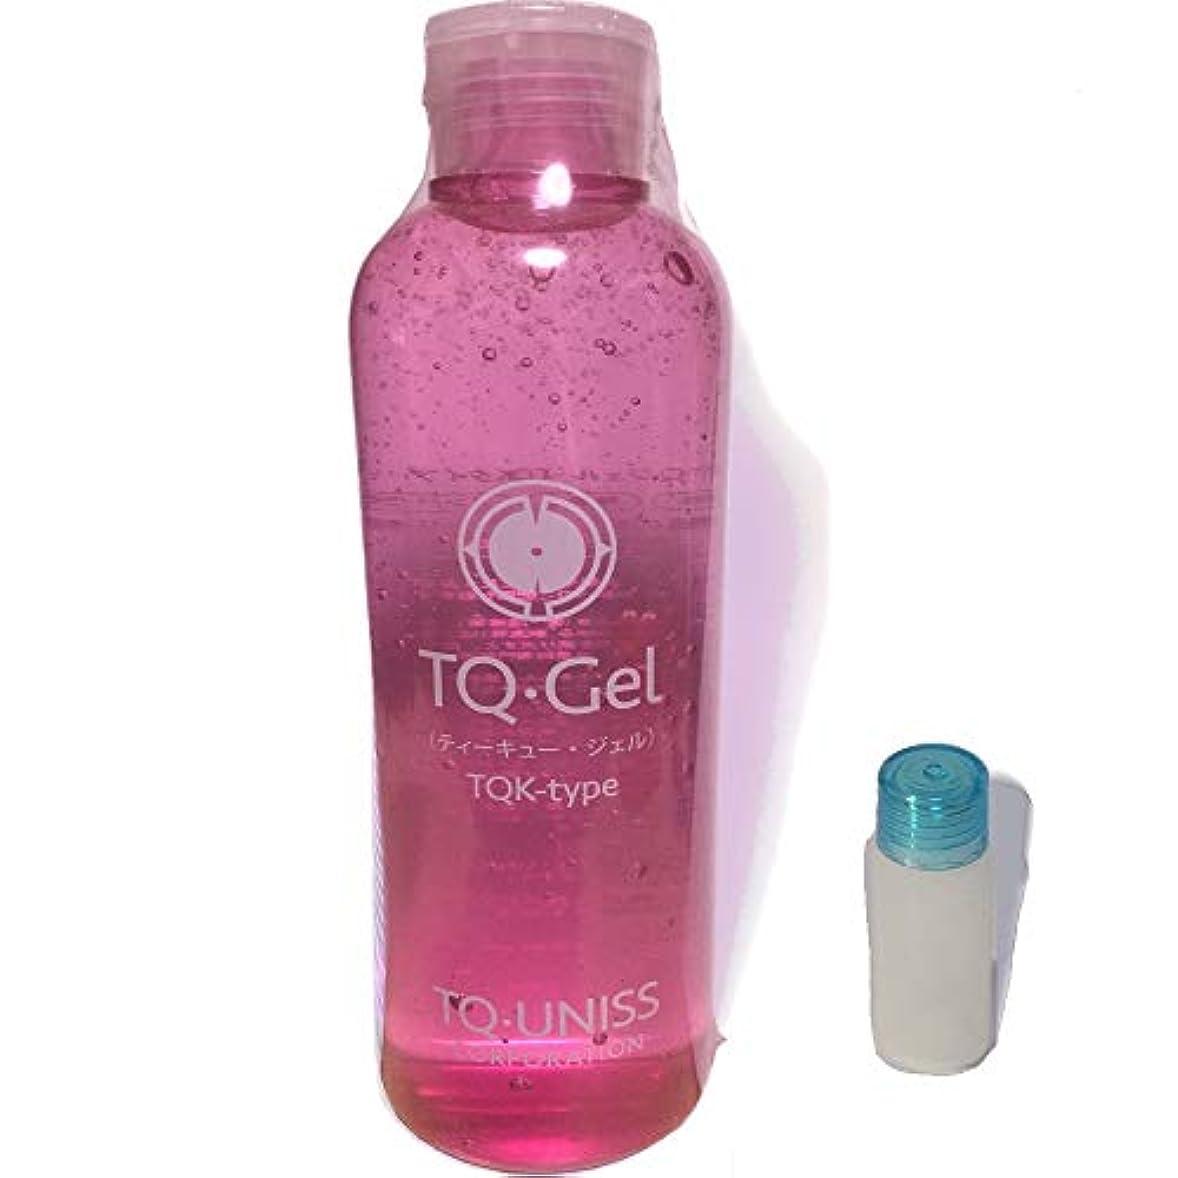 食料品店に同意するそしてリーニューアル TQジェル ミニボトル5mlセット厳選された自然由来の保湿成分プラス20のエネルギー [300ml] ピンクボトル